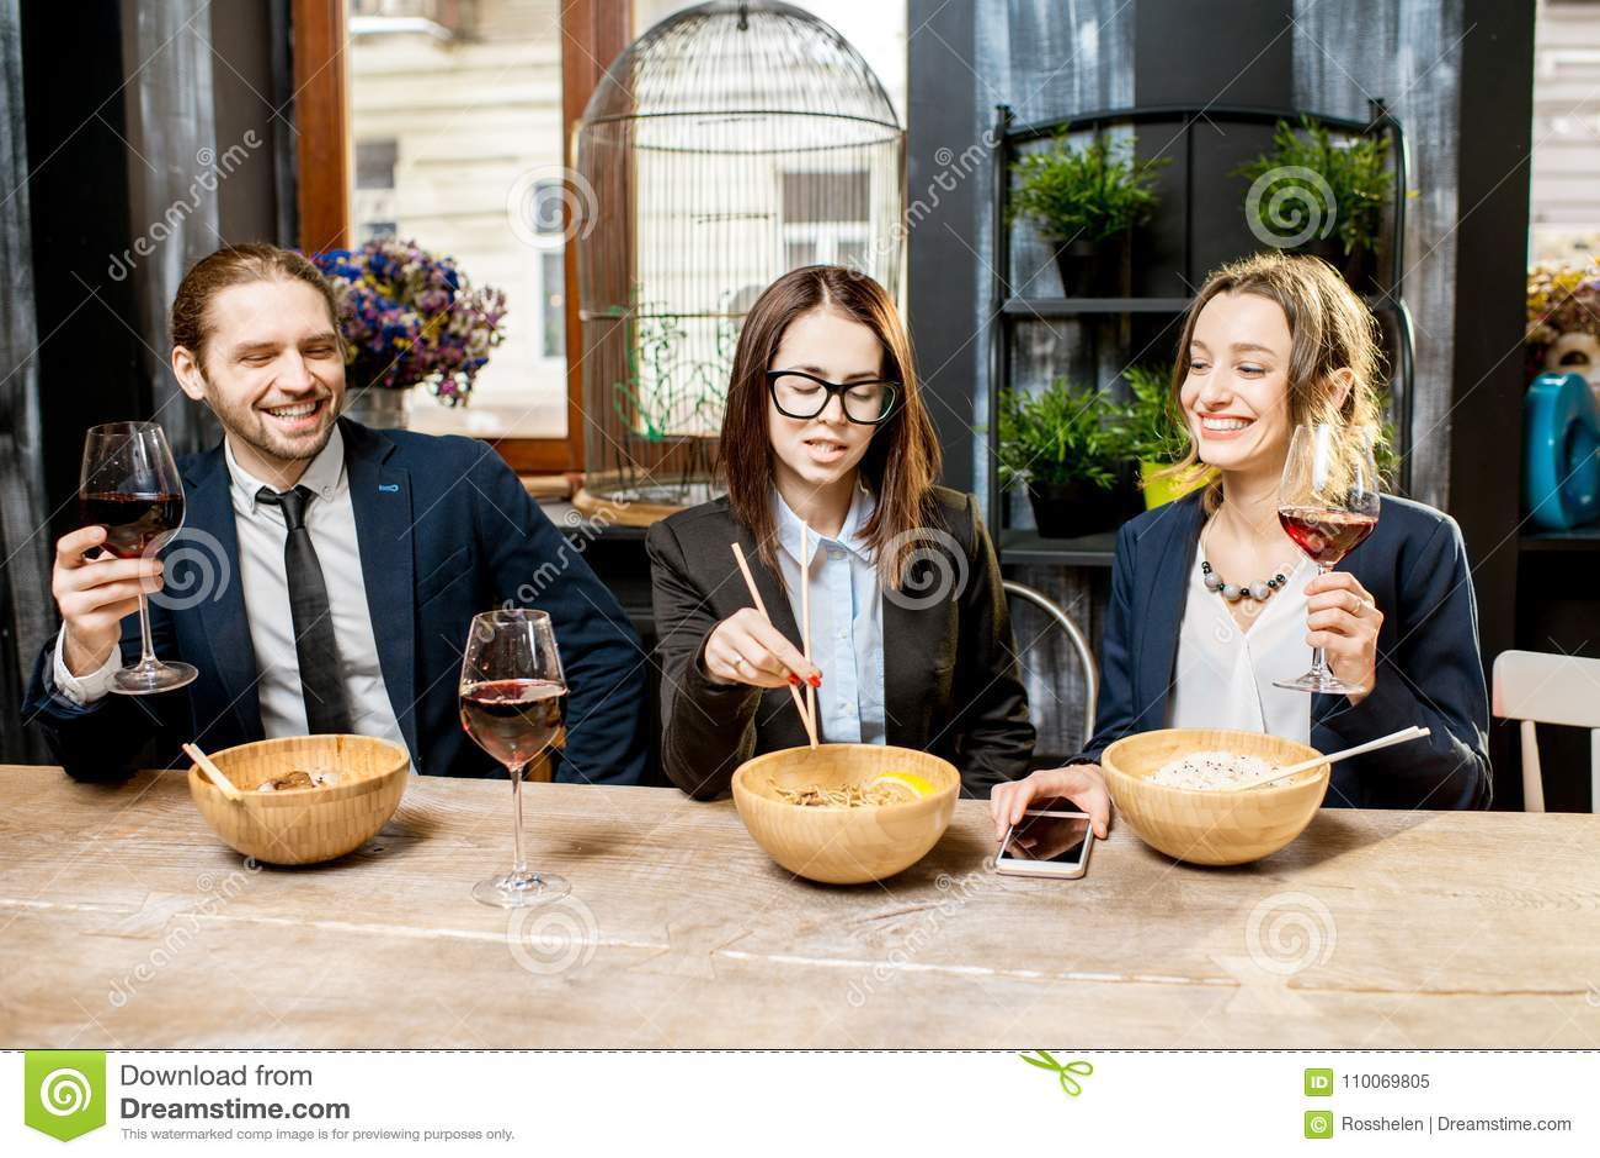 Bedrijfsmensen tijdens het diner in het restaurant